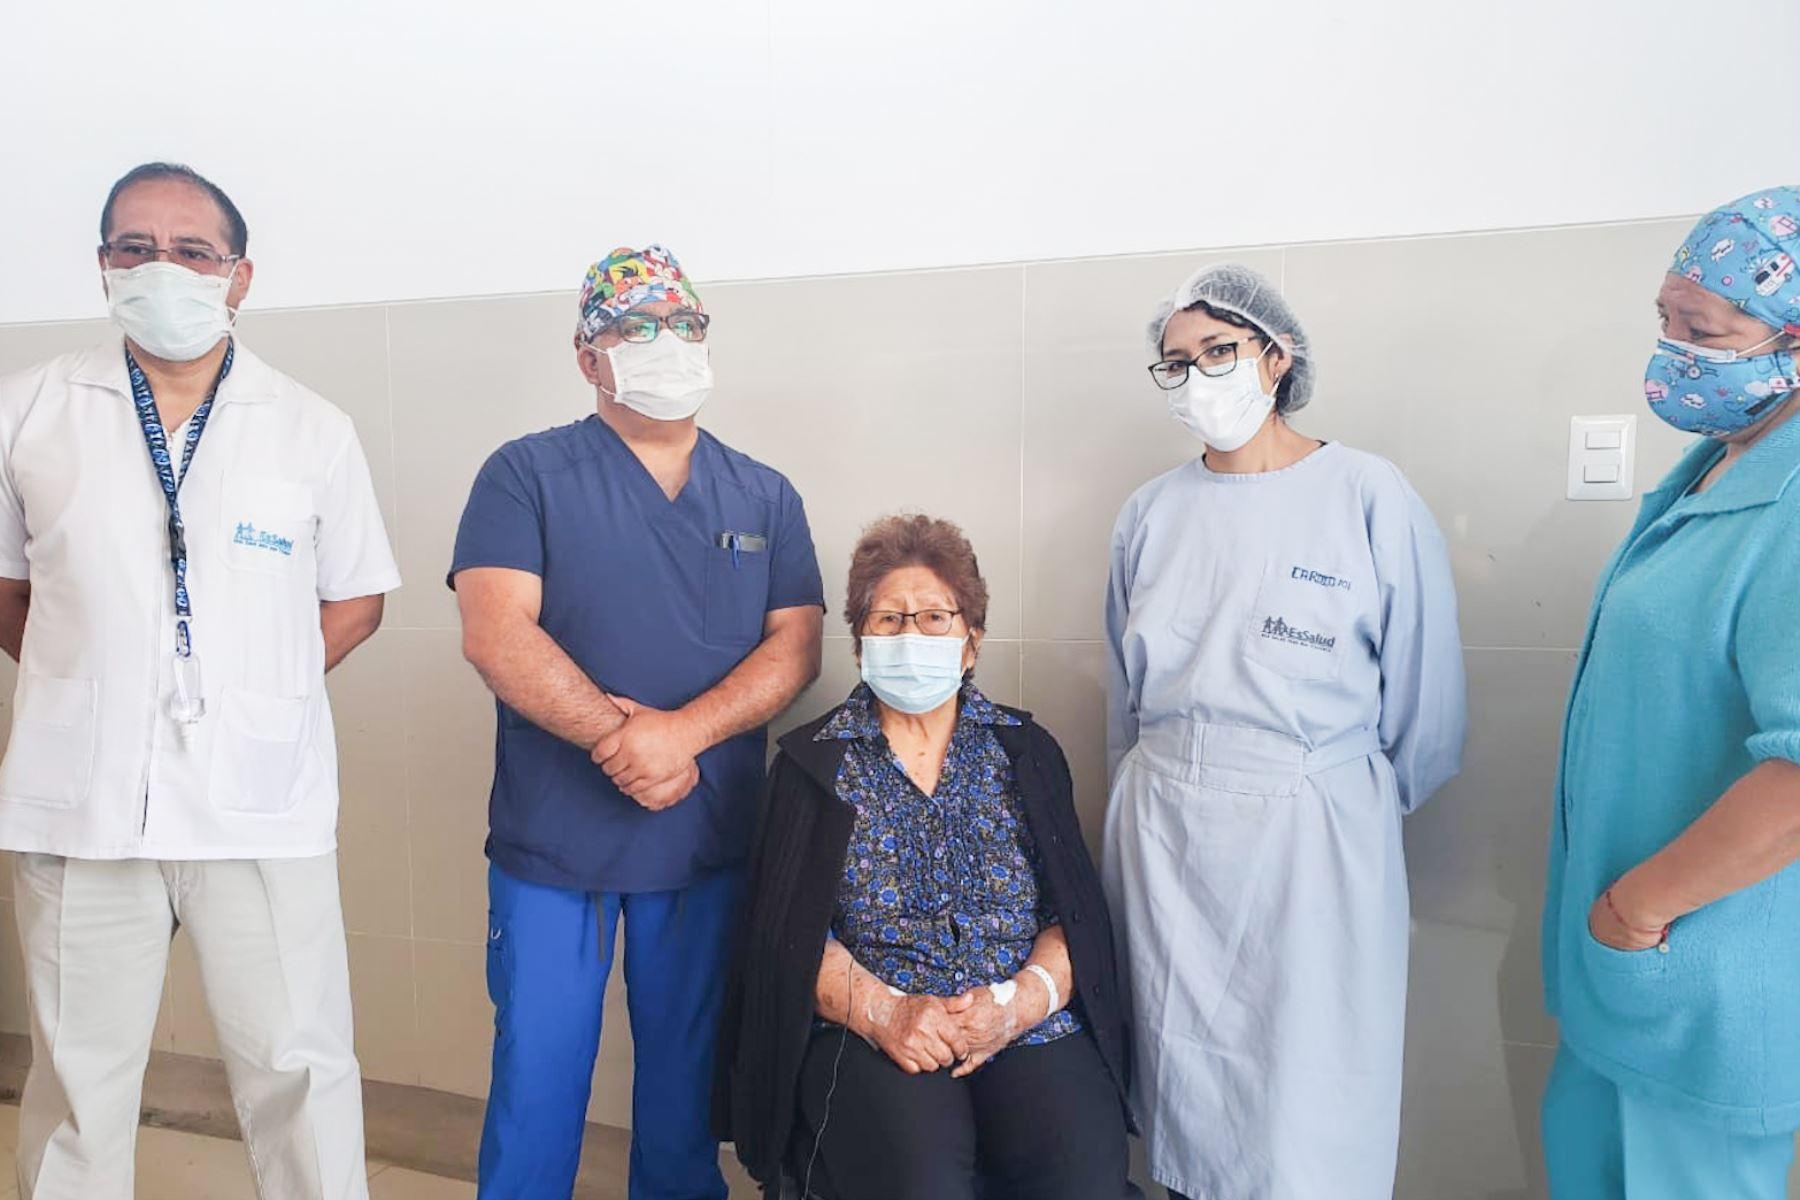 La Red Asistencial Tacna del Seguro Social de Salud – EsSalud realizó un exitoso operativo múltiple de colocación de marcapasos y cambio de generador en pacientes tacneños, evitando que los pacientes sean referidos a otros centros asistenciales y puedan ser atendidos en la región. Foto: ANDINA/EsSalud